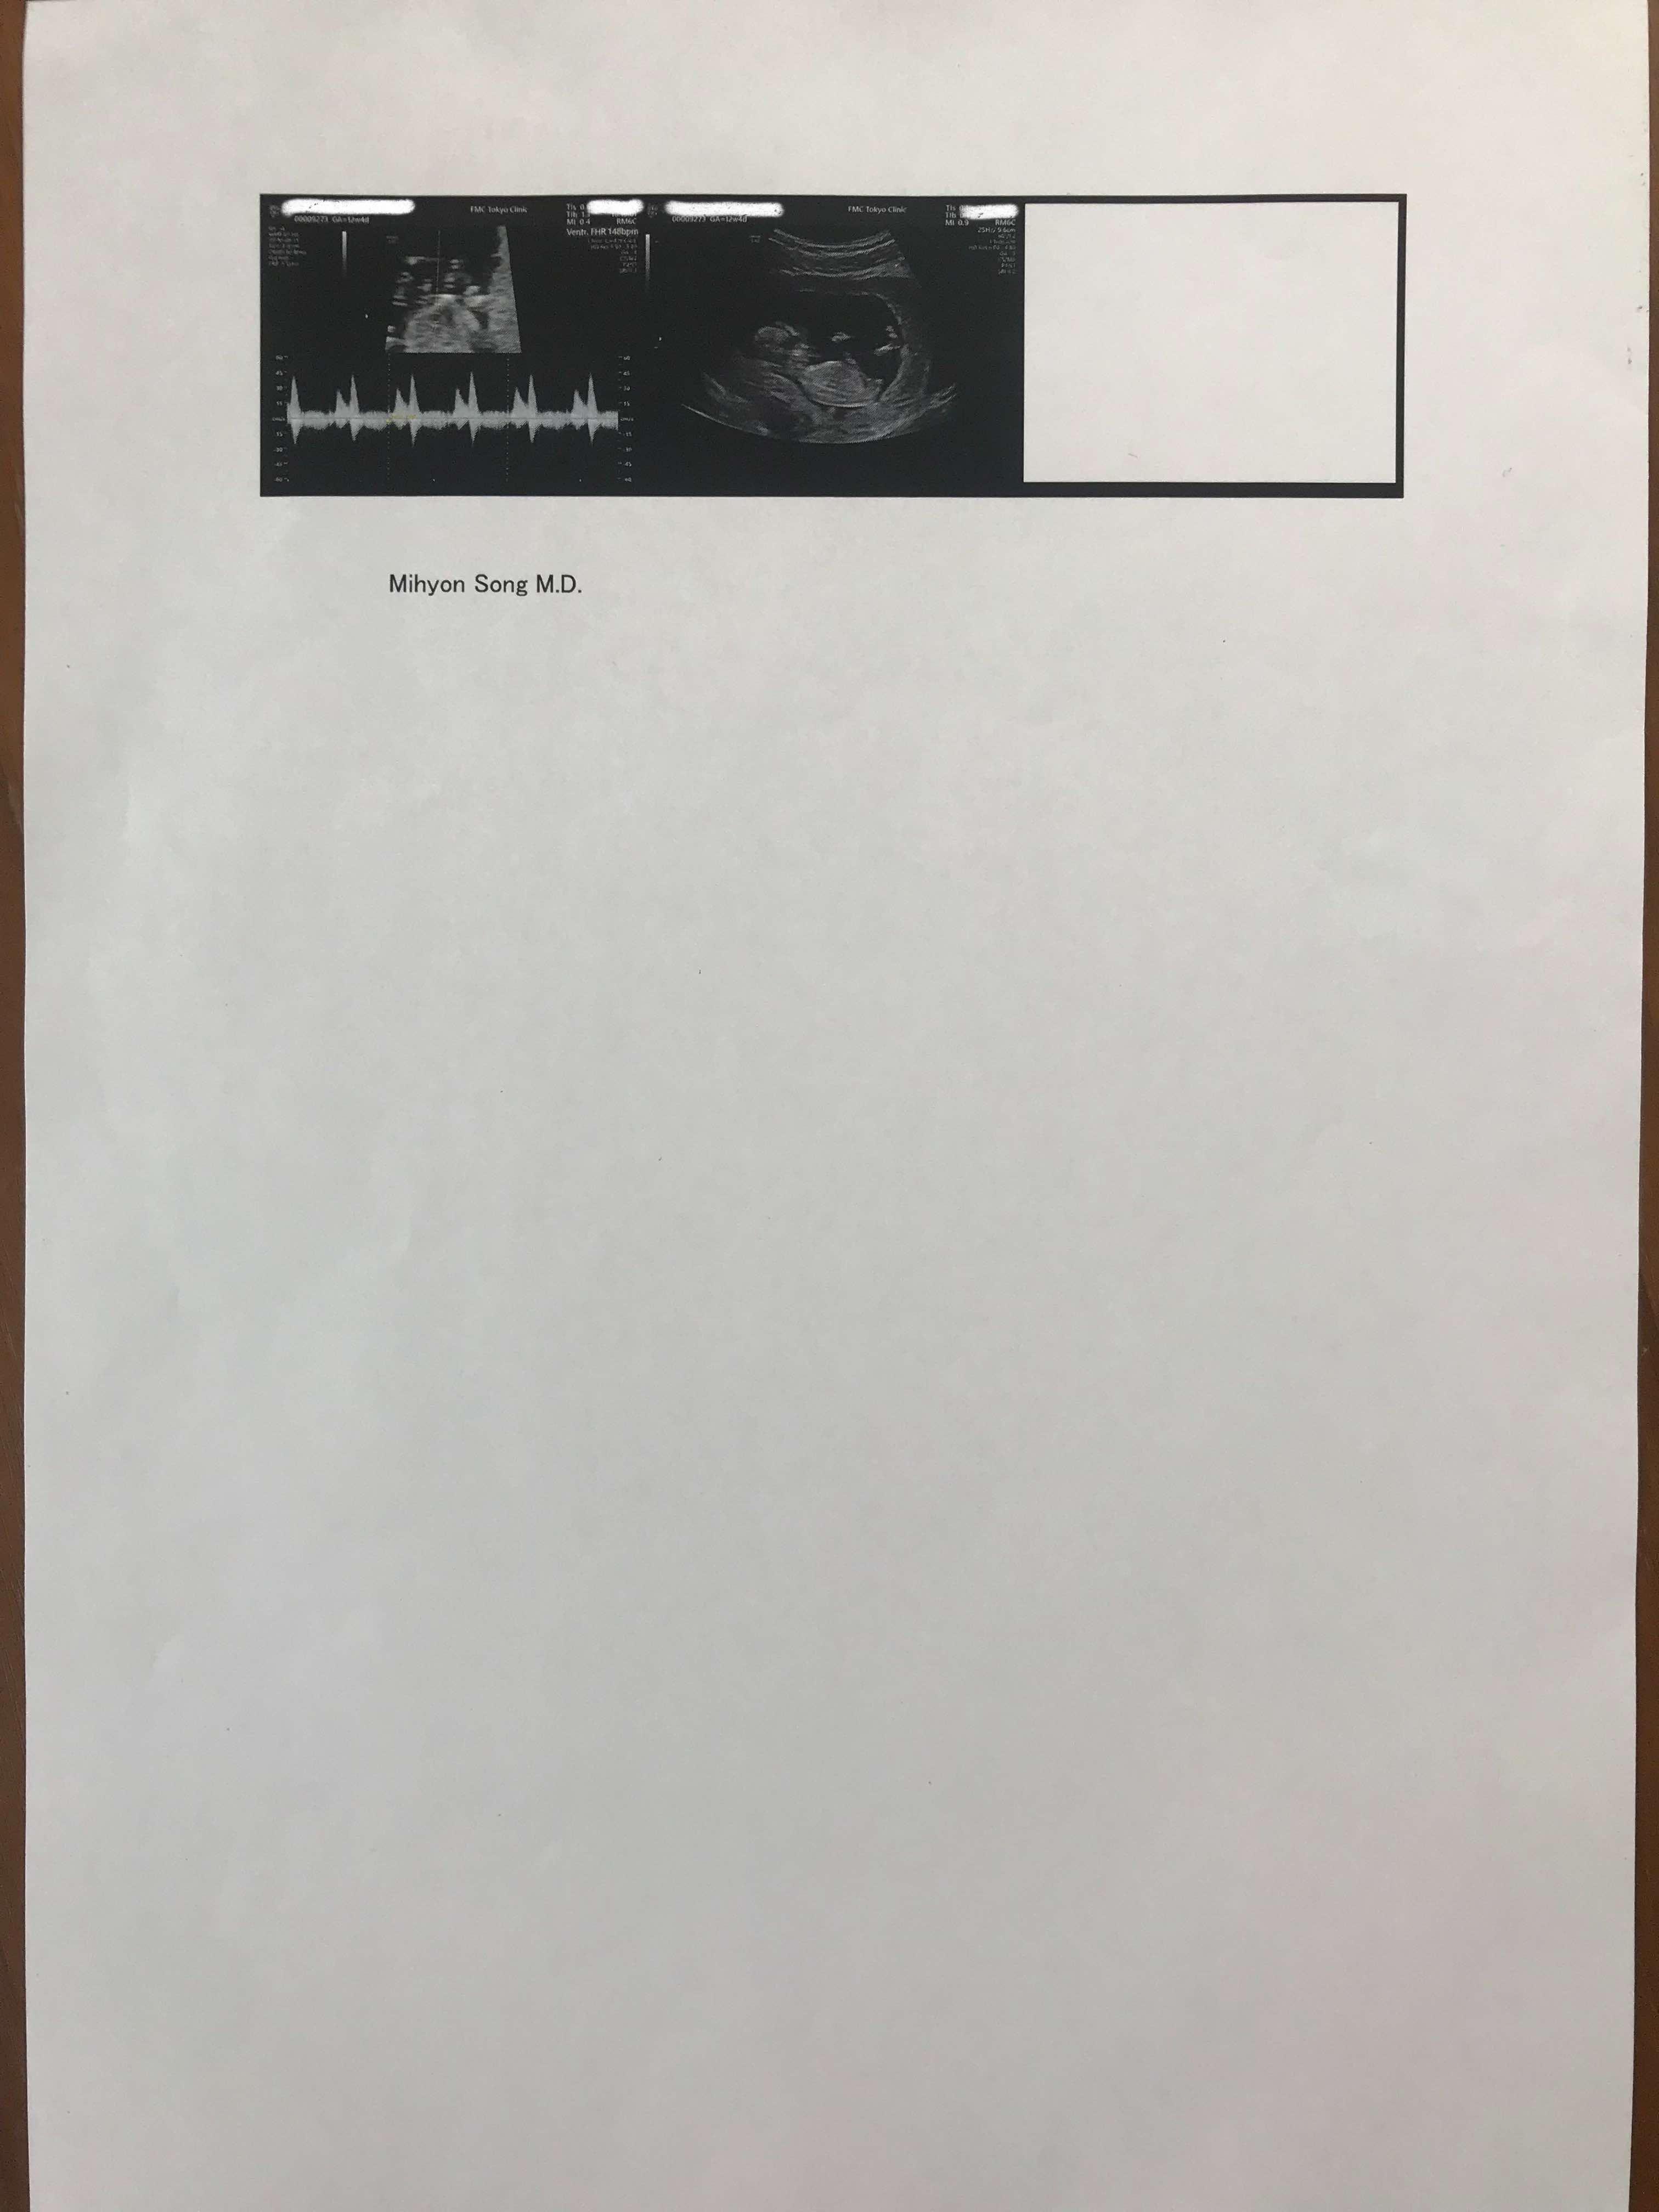 FMC東京クリニック コンバインドプラス検査 胎児ドック